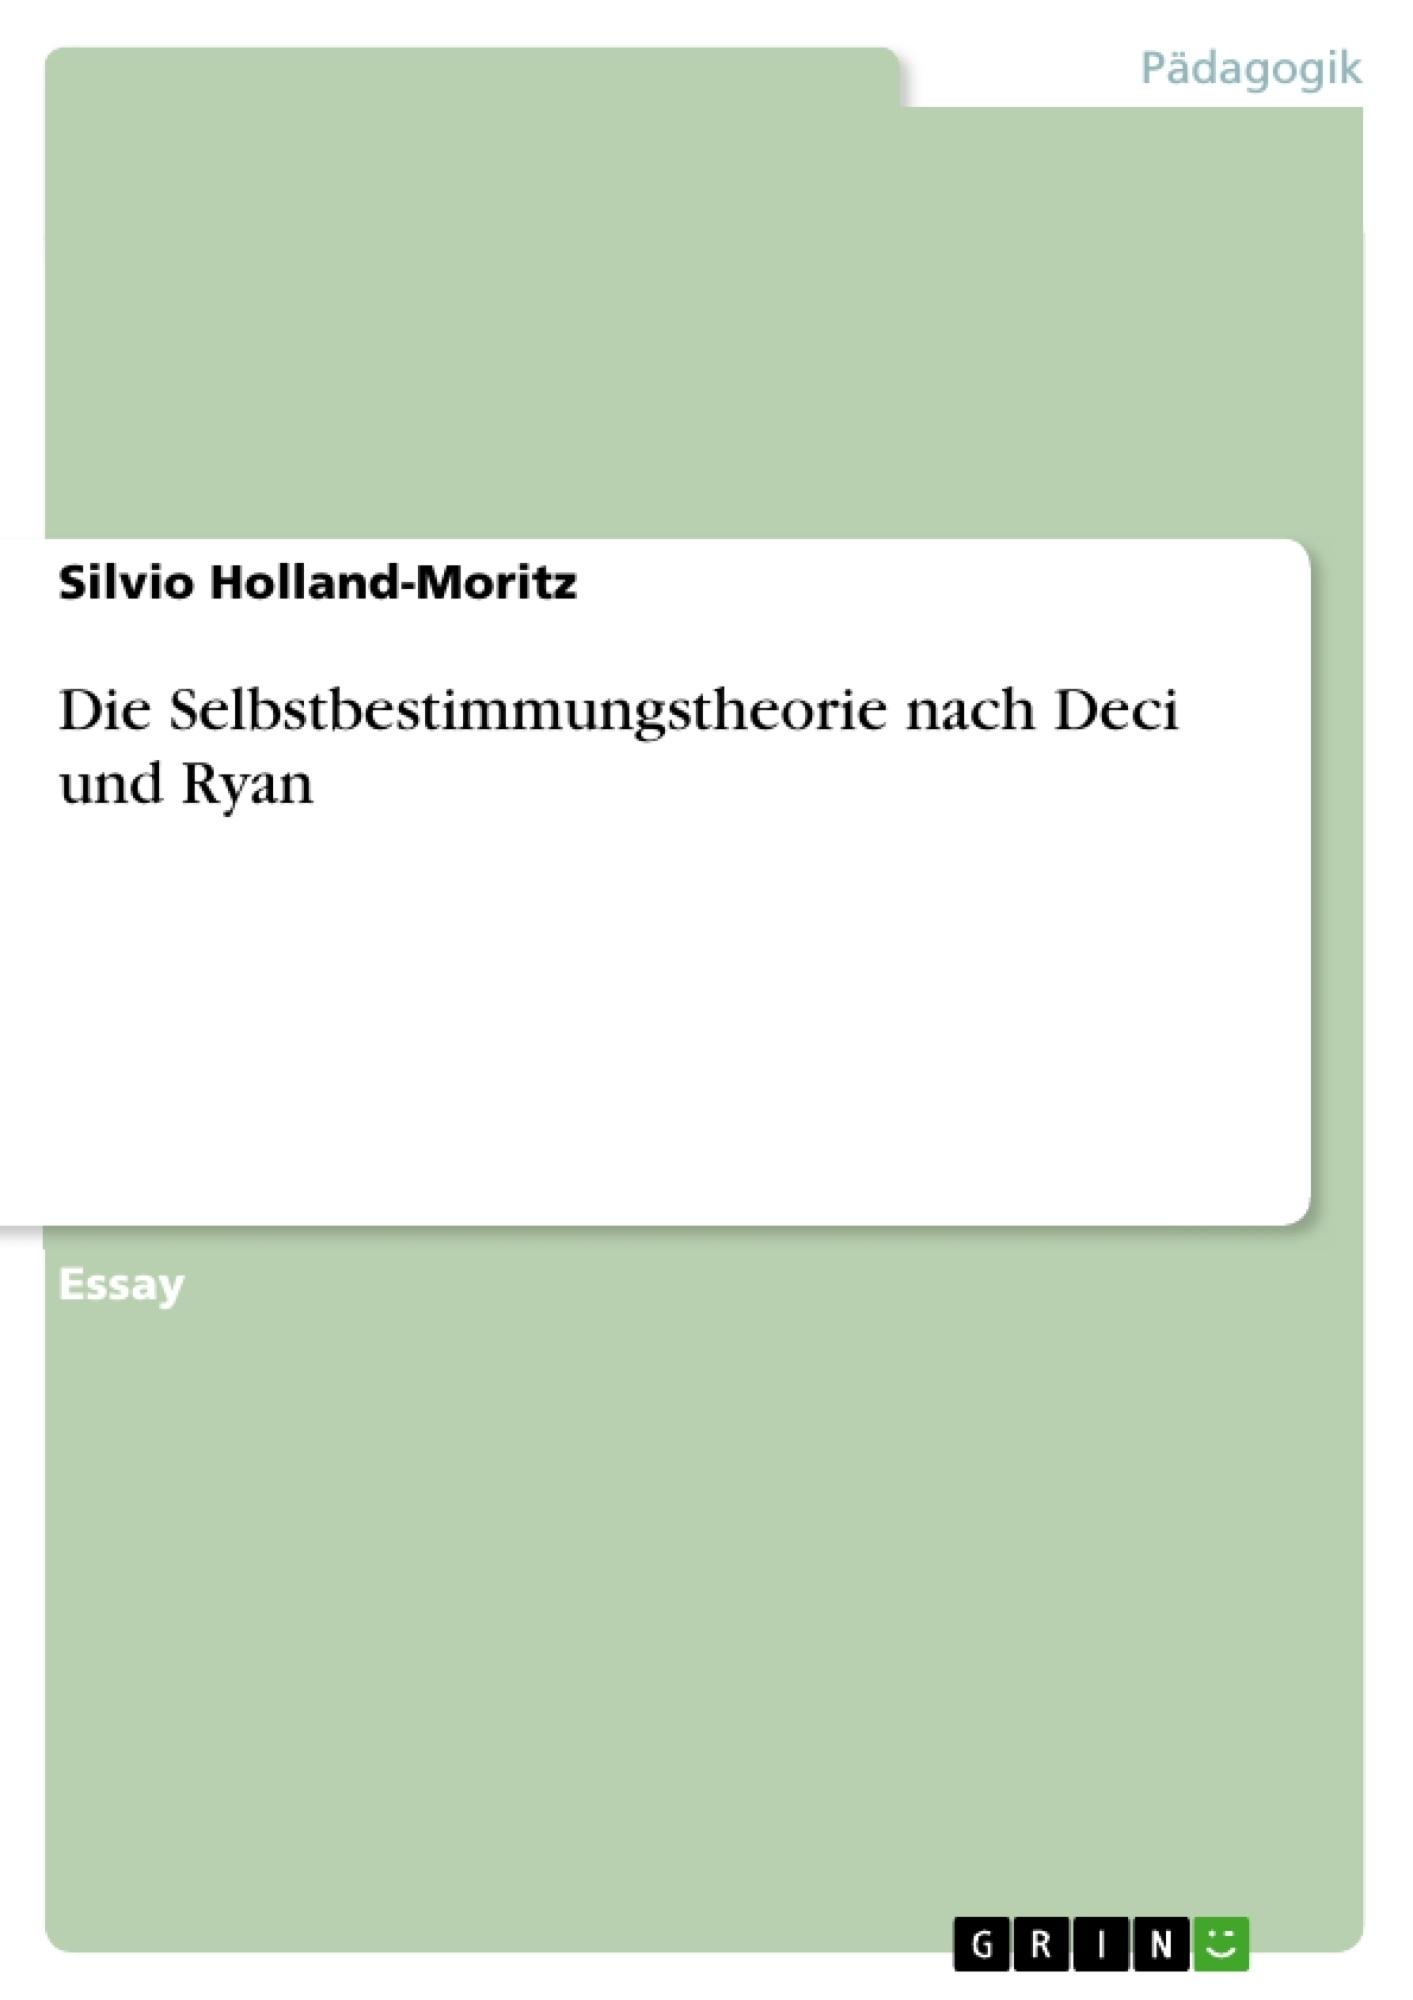 Titel: Die Selbstbestimmungstheorie nach Deci und Ryan